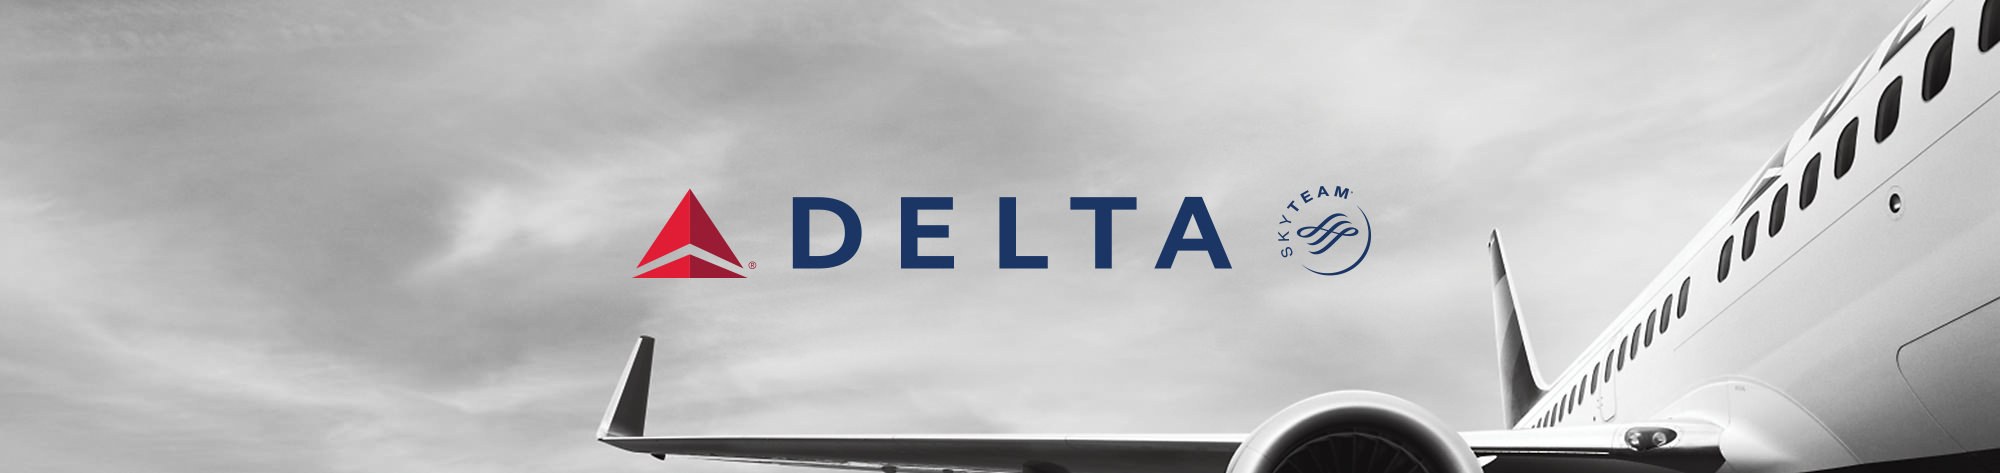 delta-header.jpg